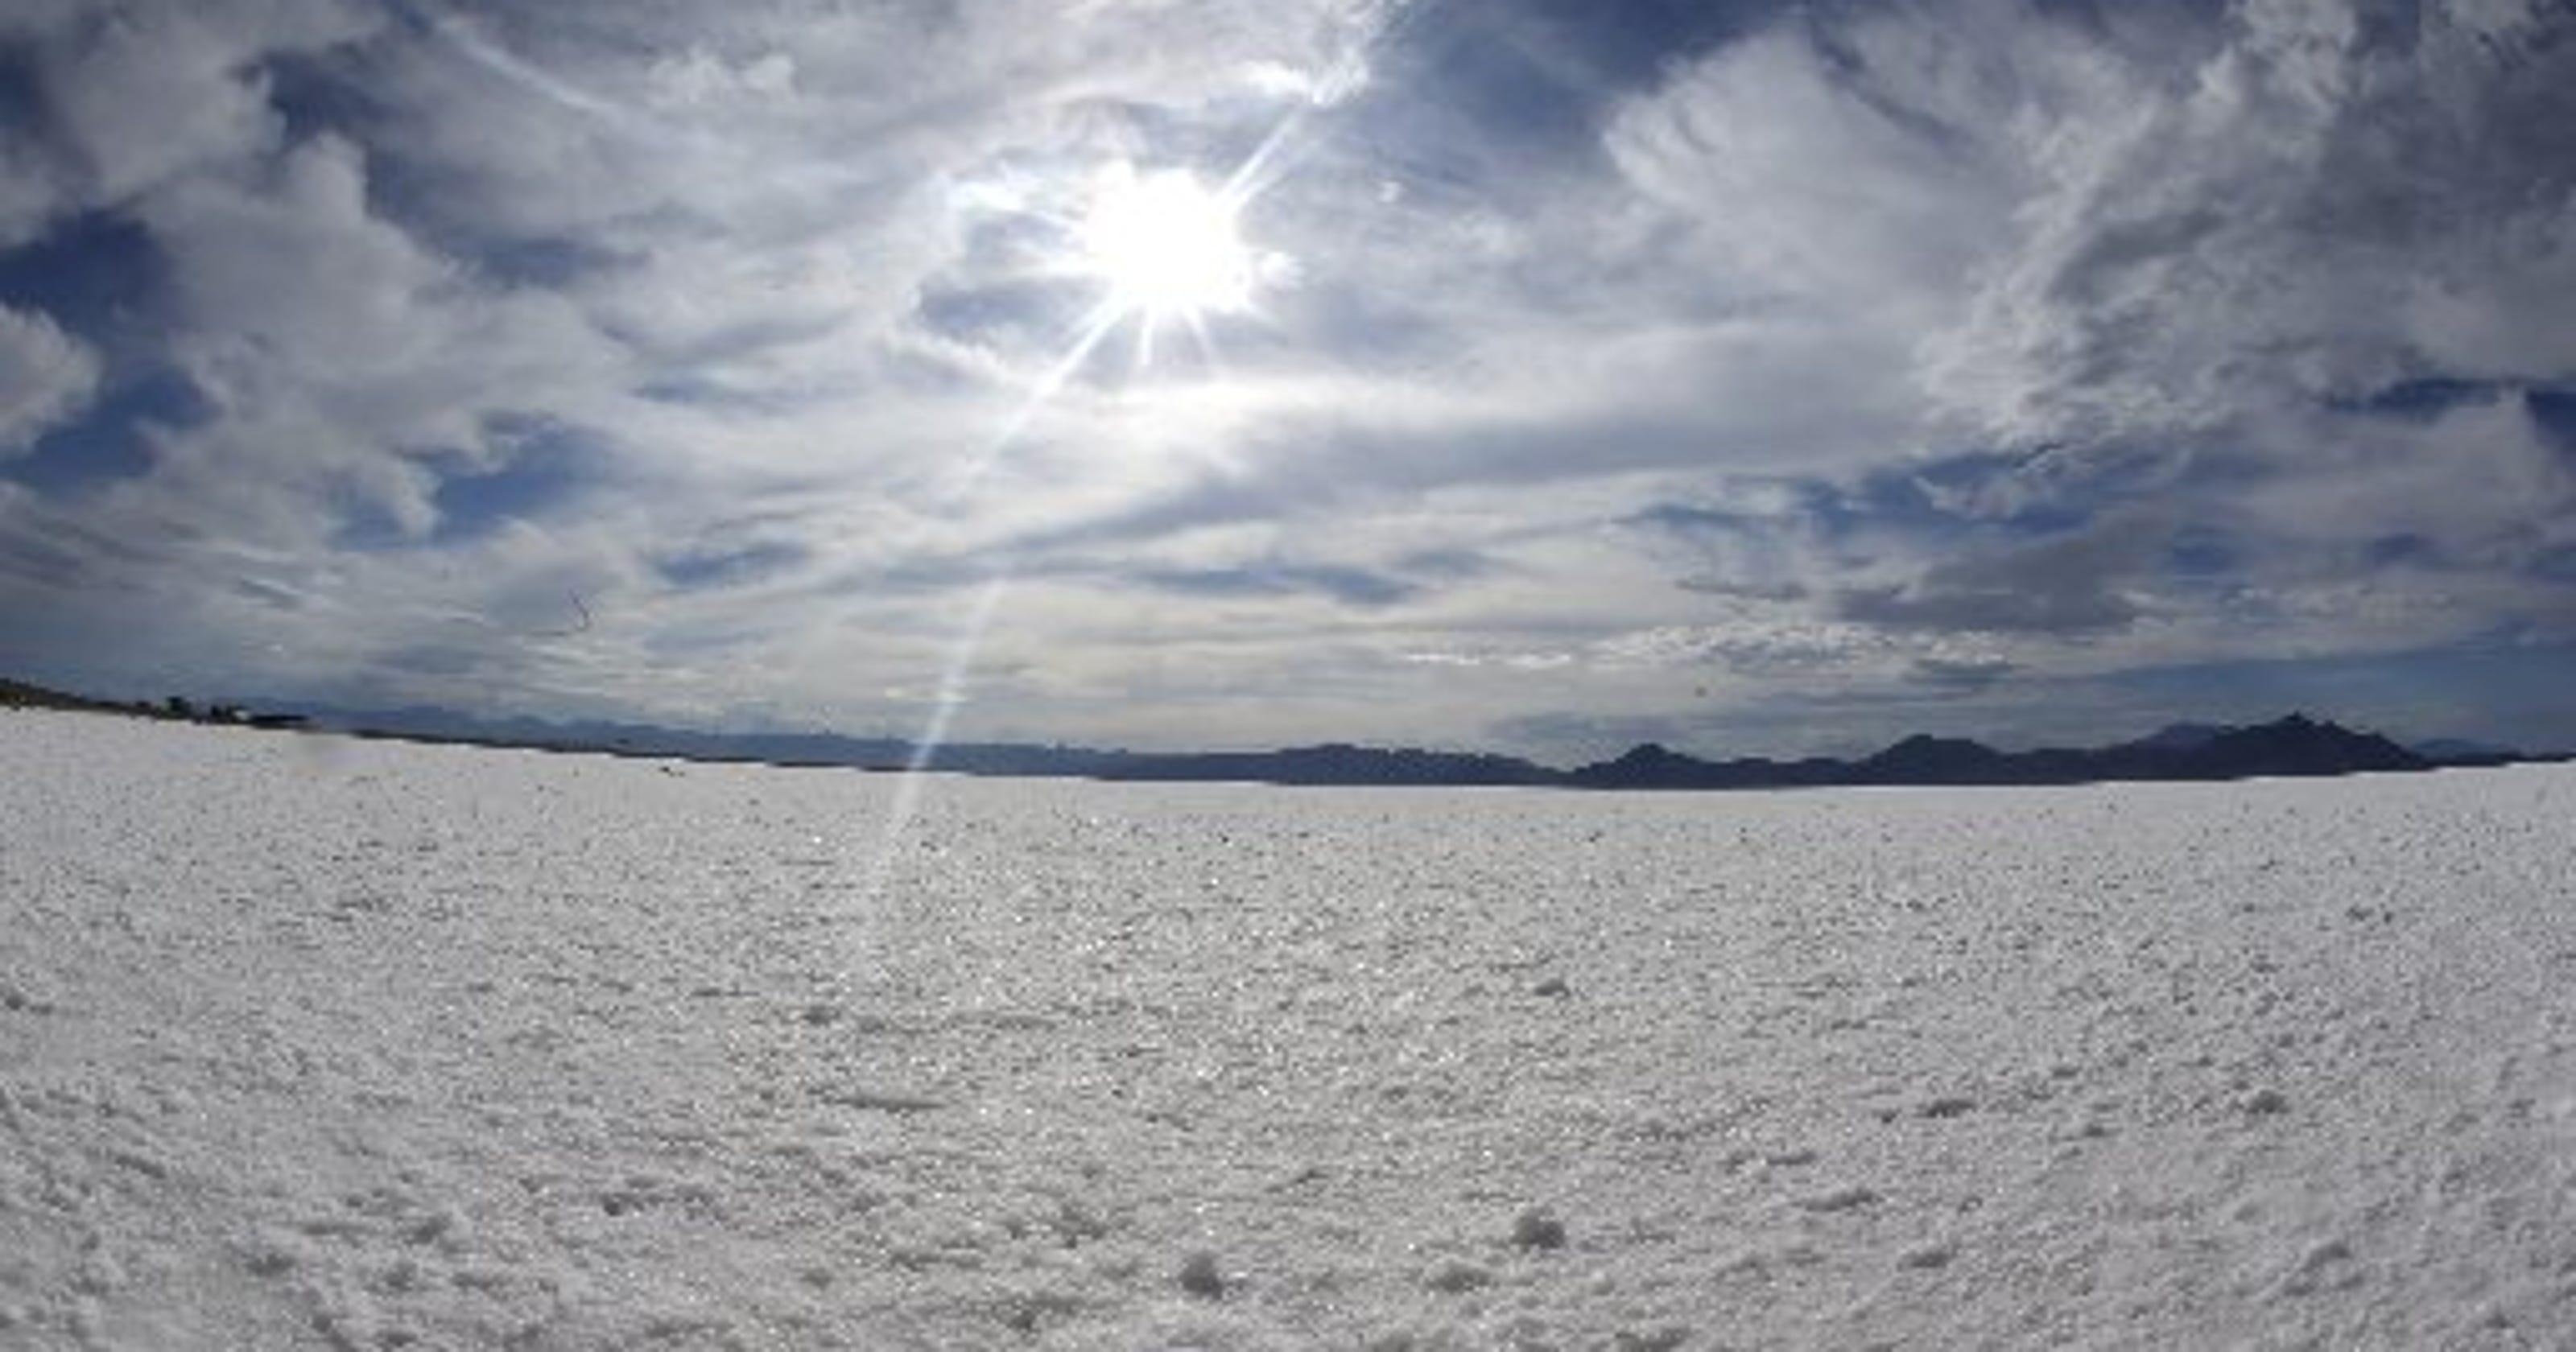 Are Utah's Salt Flats shrinking?